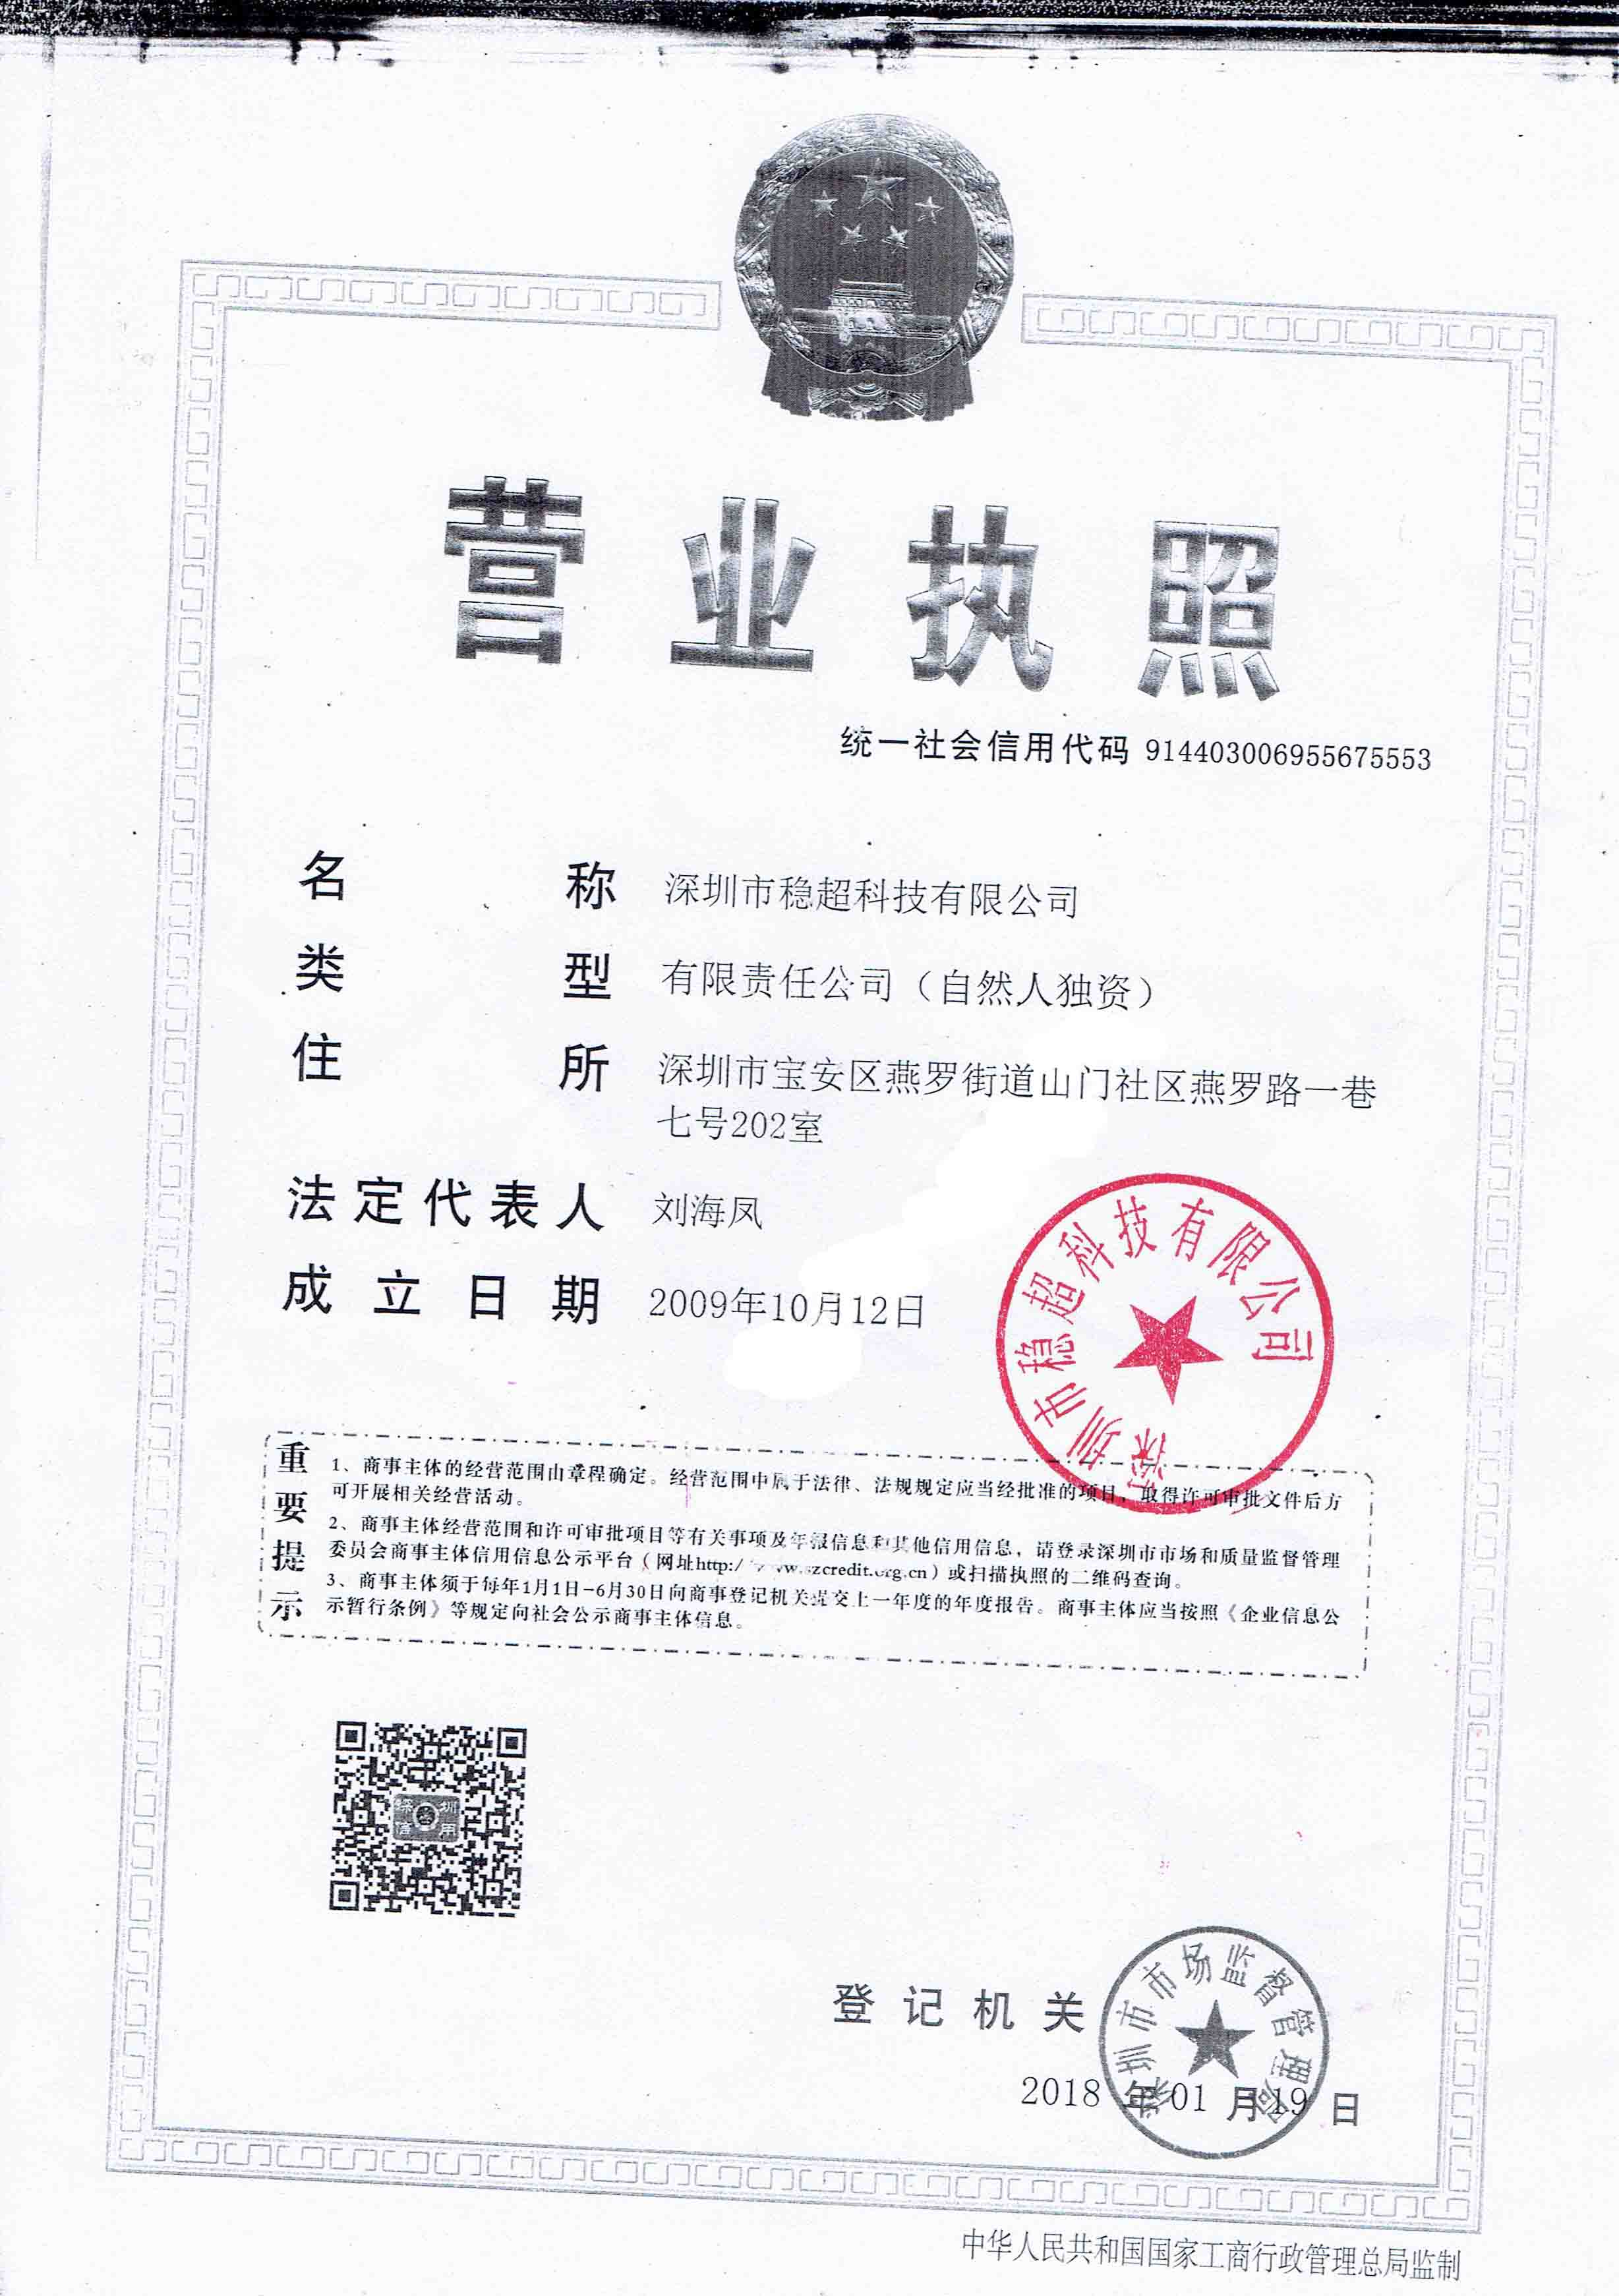 深圳市稳超科技有限公司企业档案